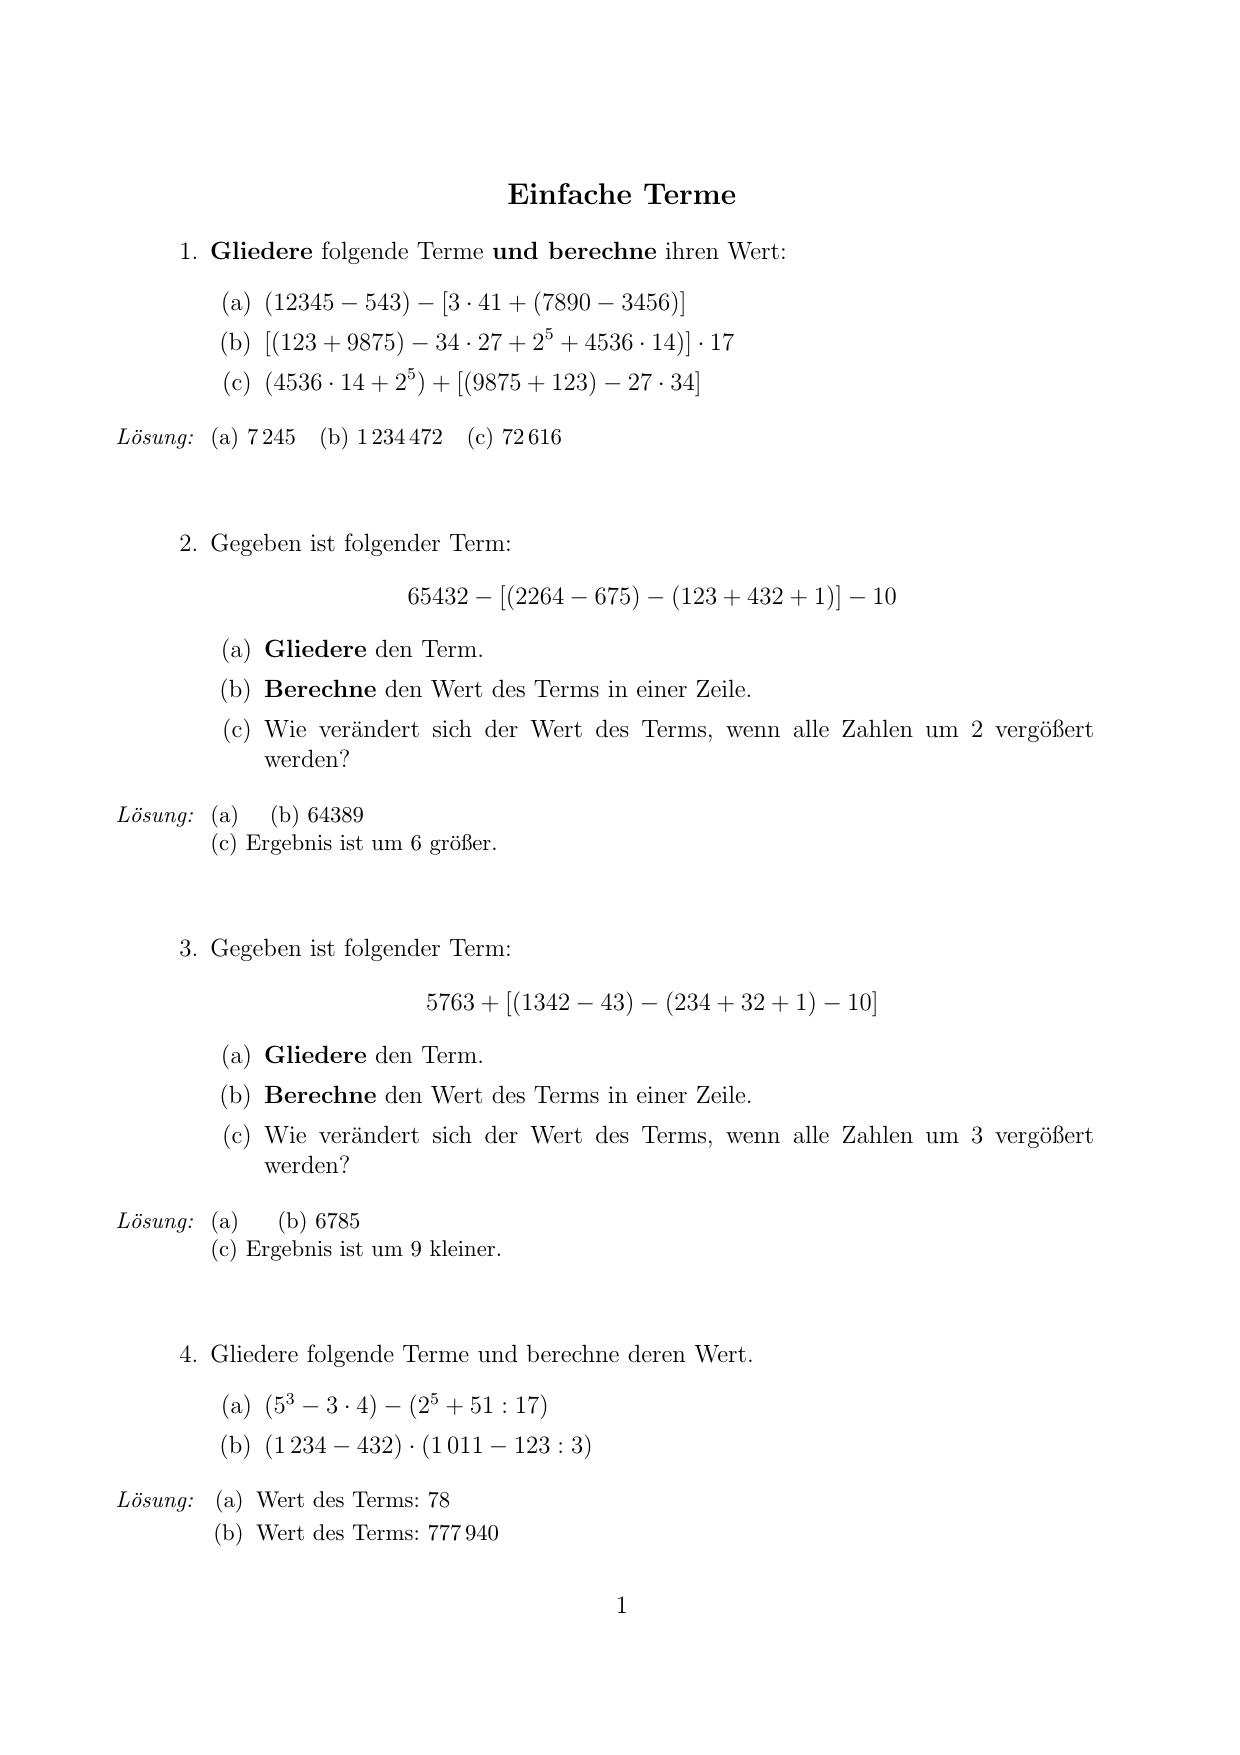 Niedlich Einfache Algebraische Gleichungen Arbeitsblatt Bilder ...